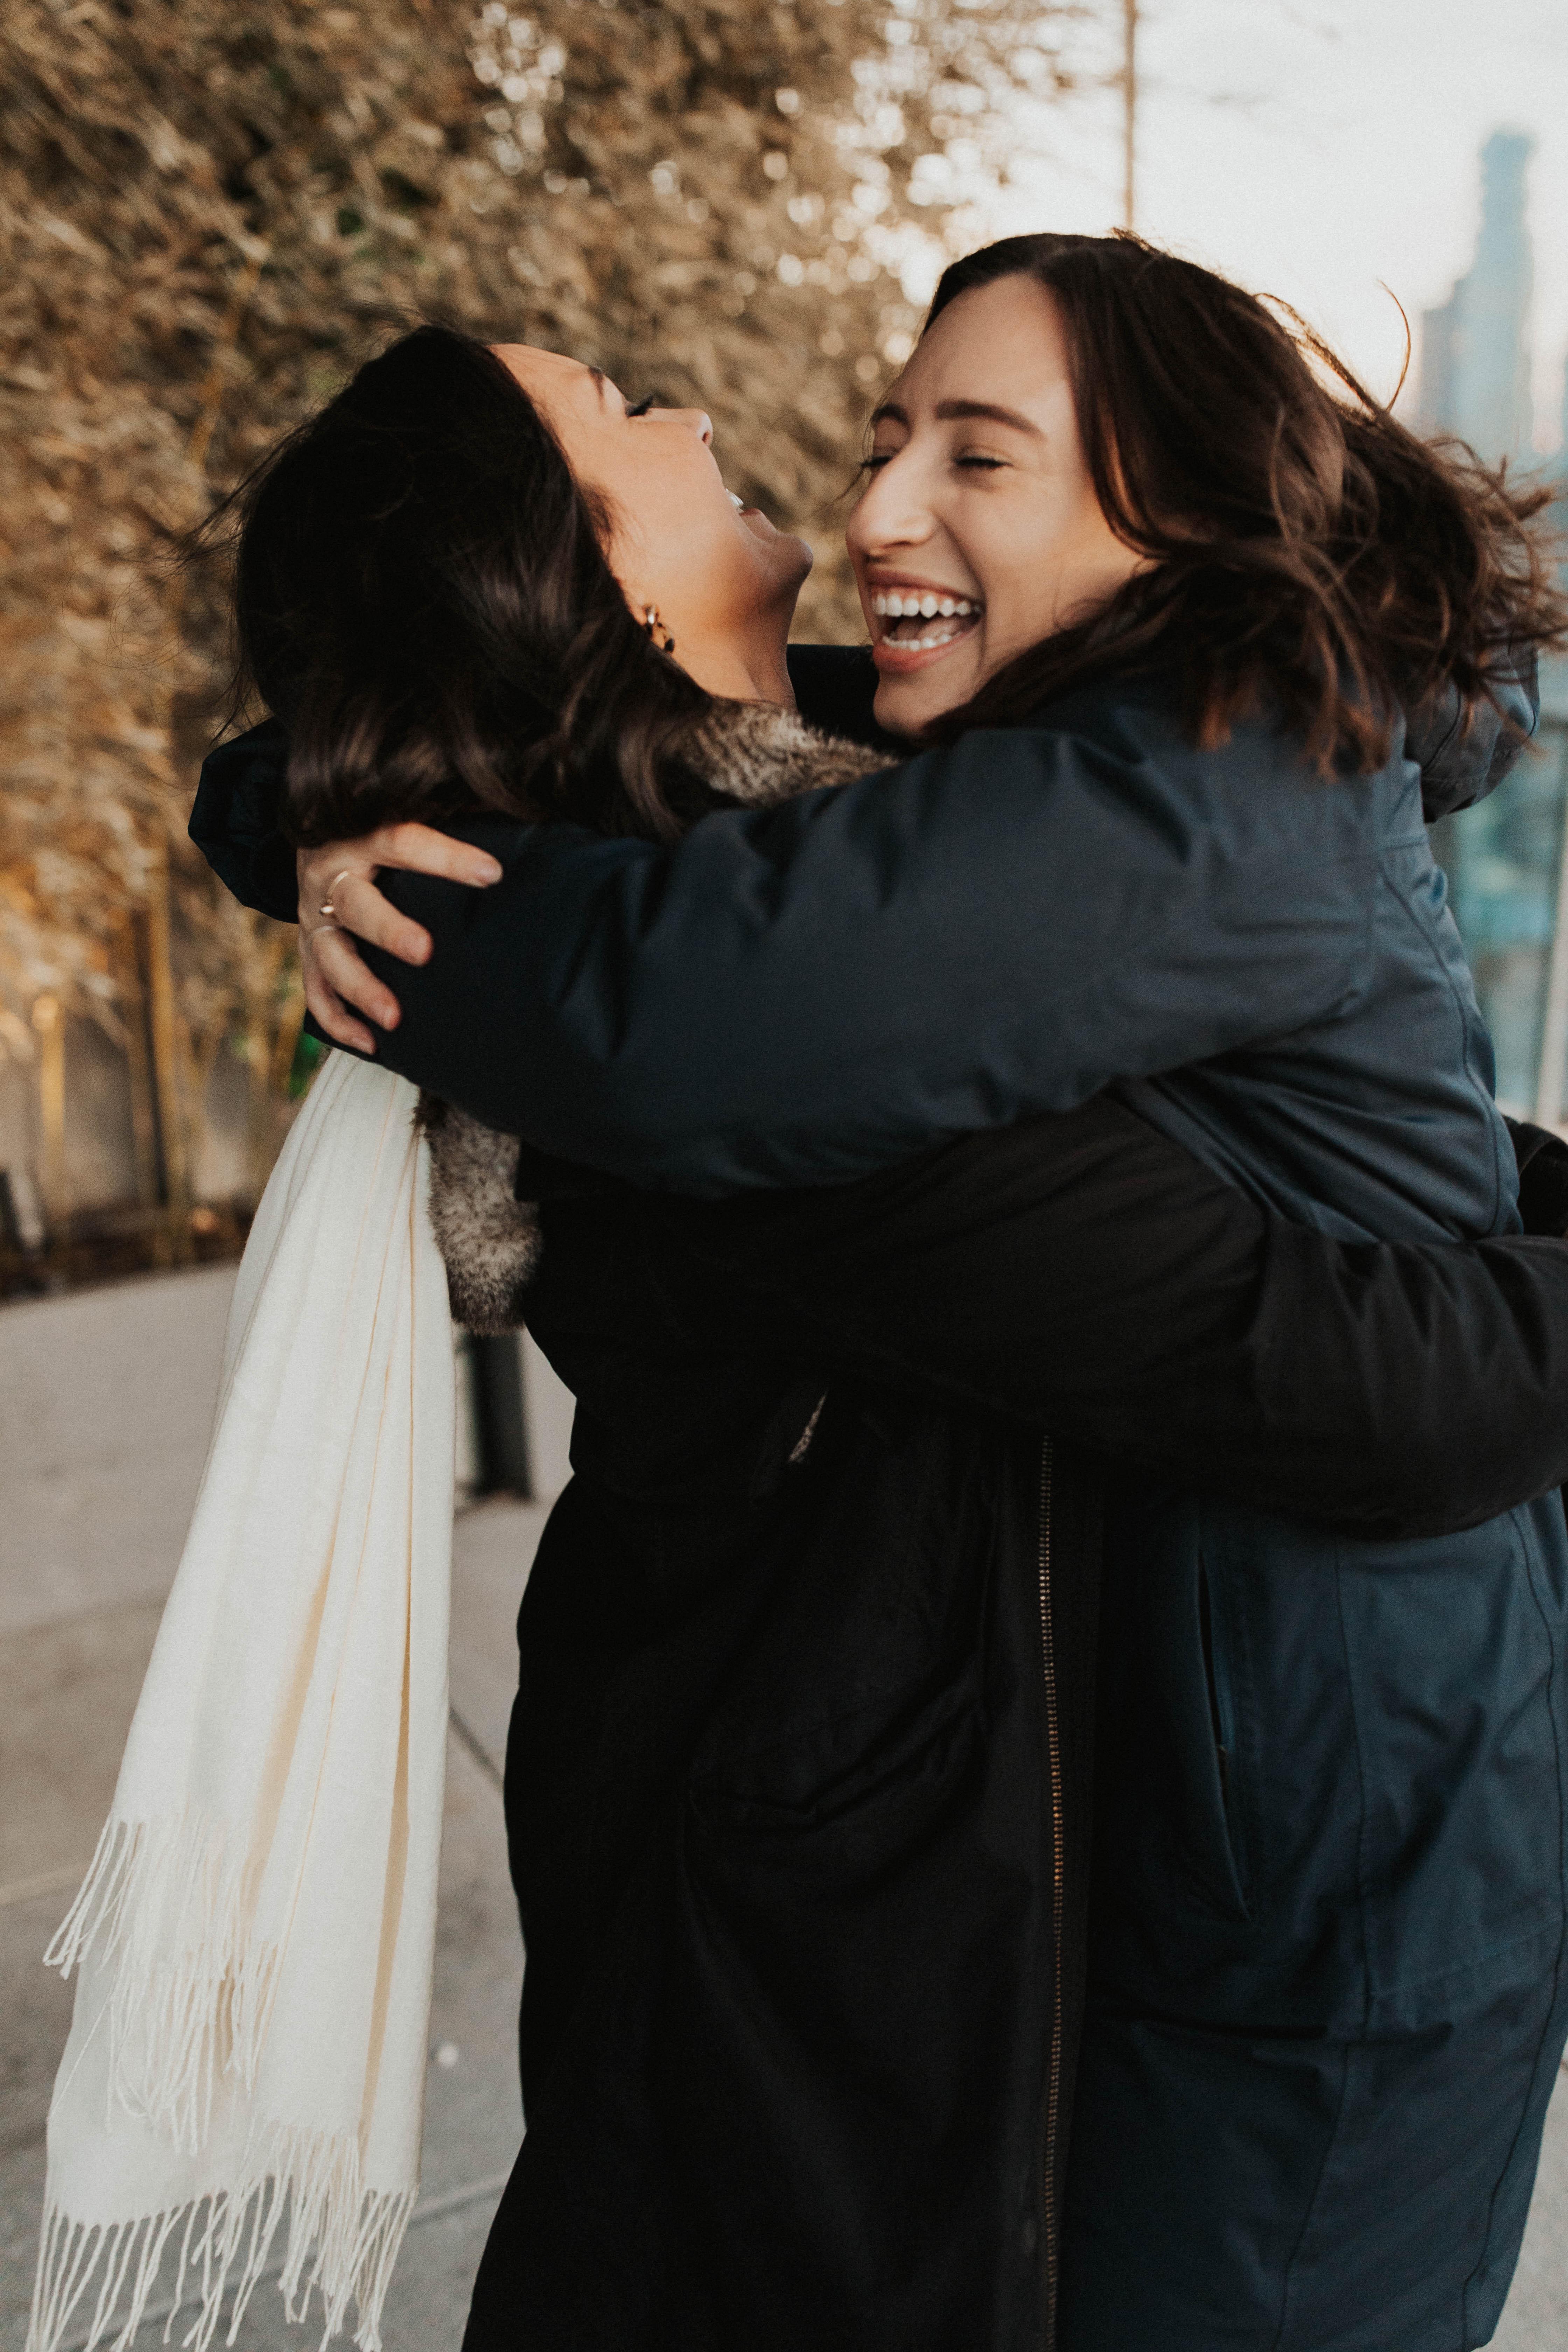 Jordan and Tina engagement photo